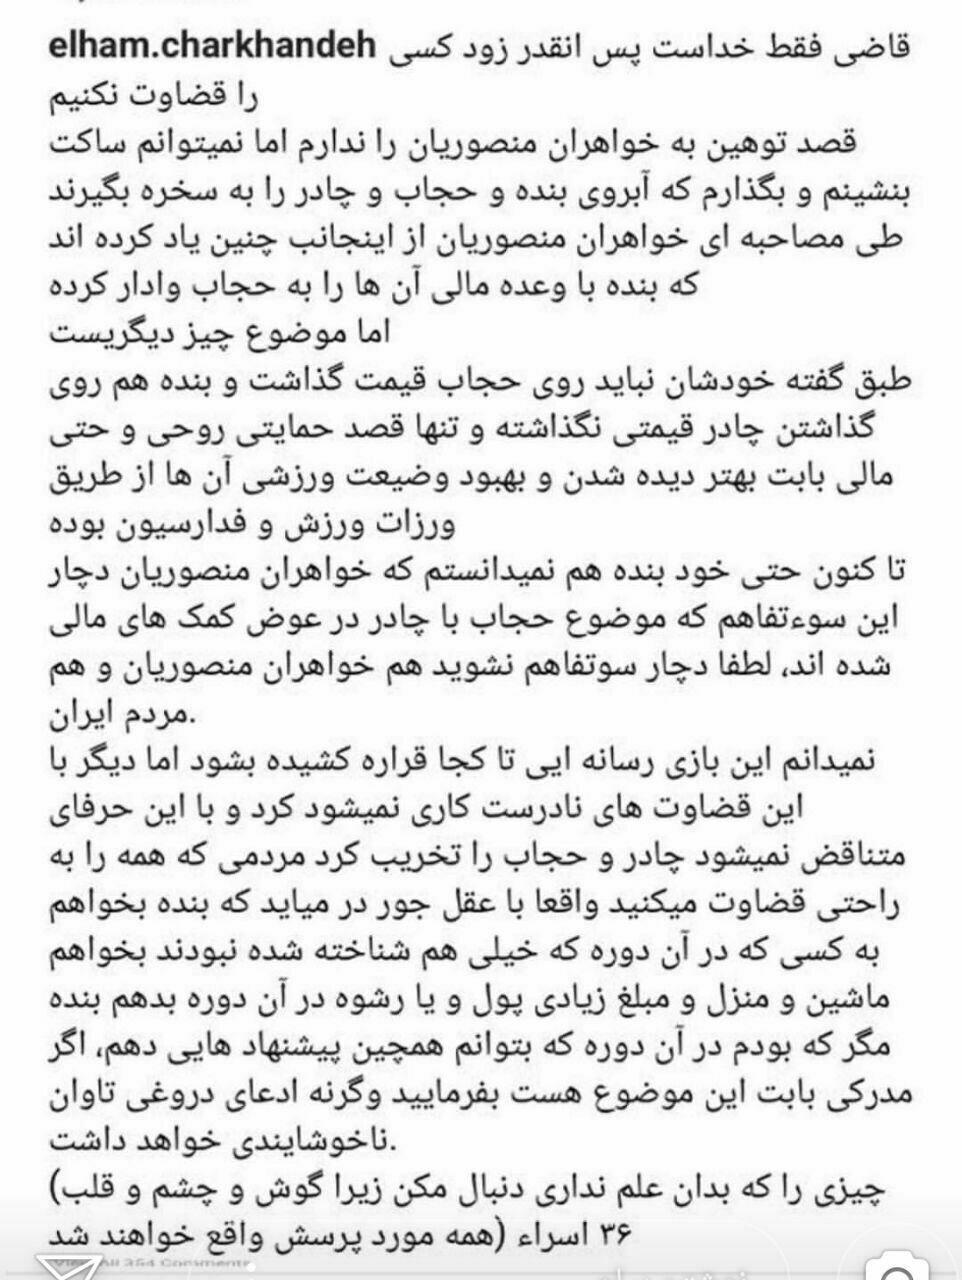 واکنش الهام چرخنده به ادعای خواهران منصوریان